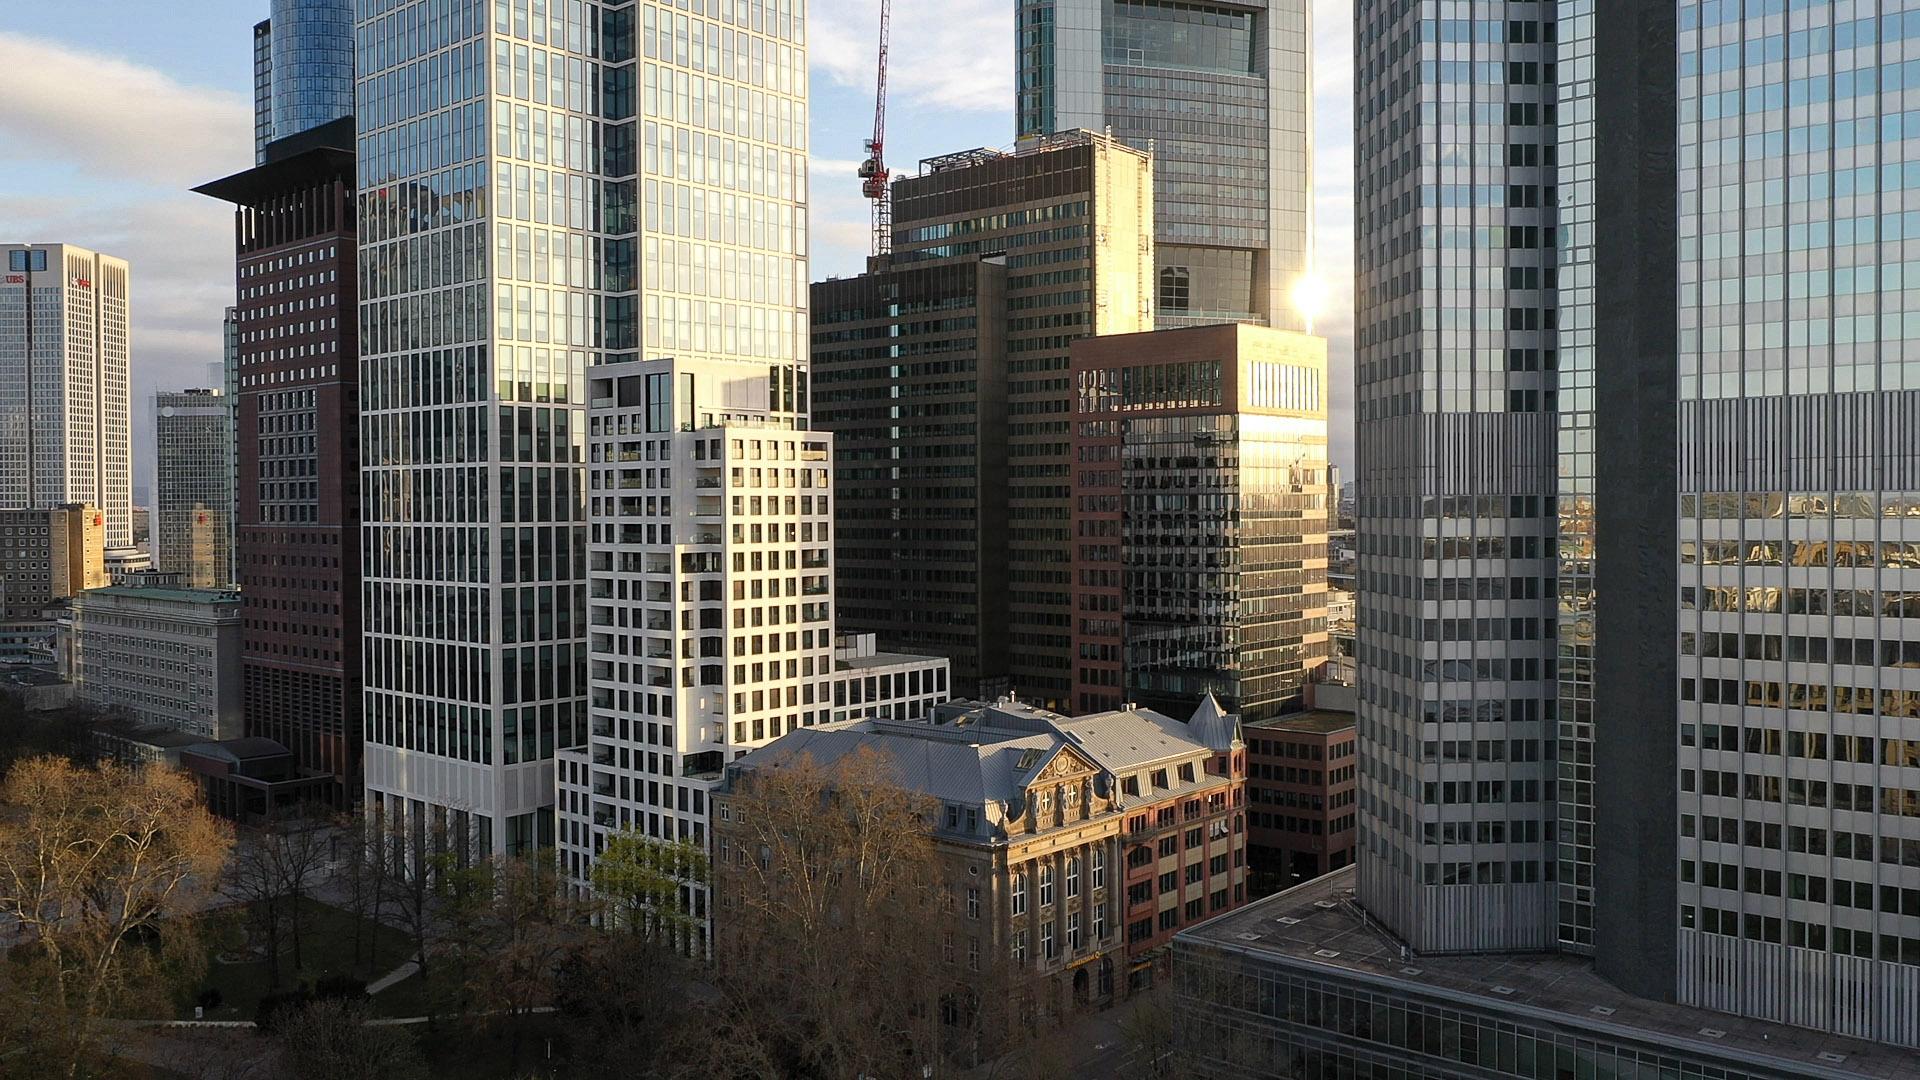 Hochhäuser Frankfurt am Main - CBD - Zentraler Businessdistrikt - Luftaufnahme